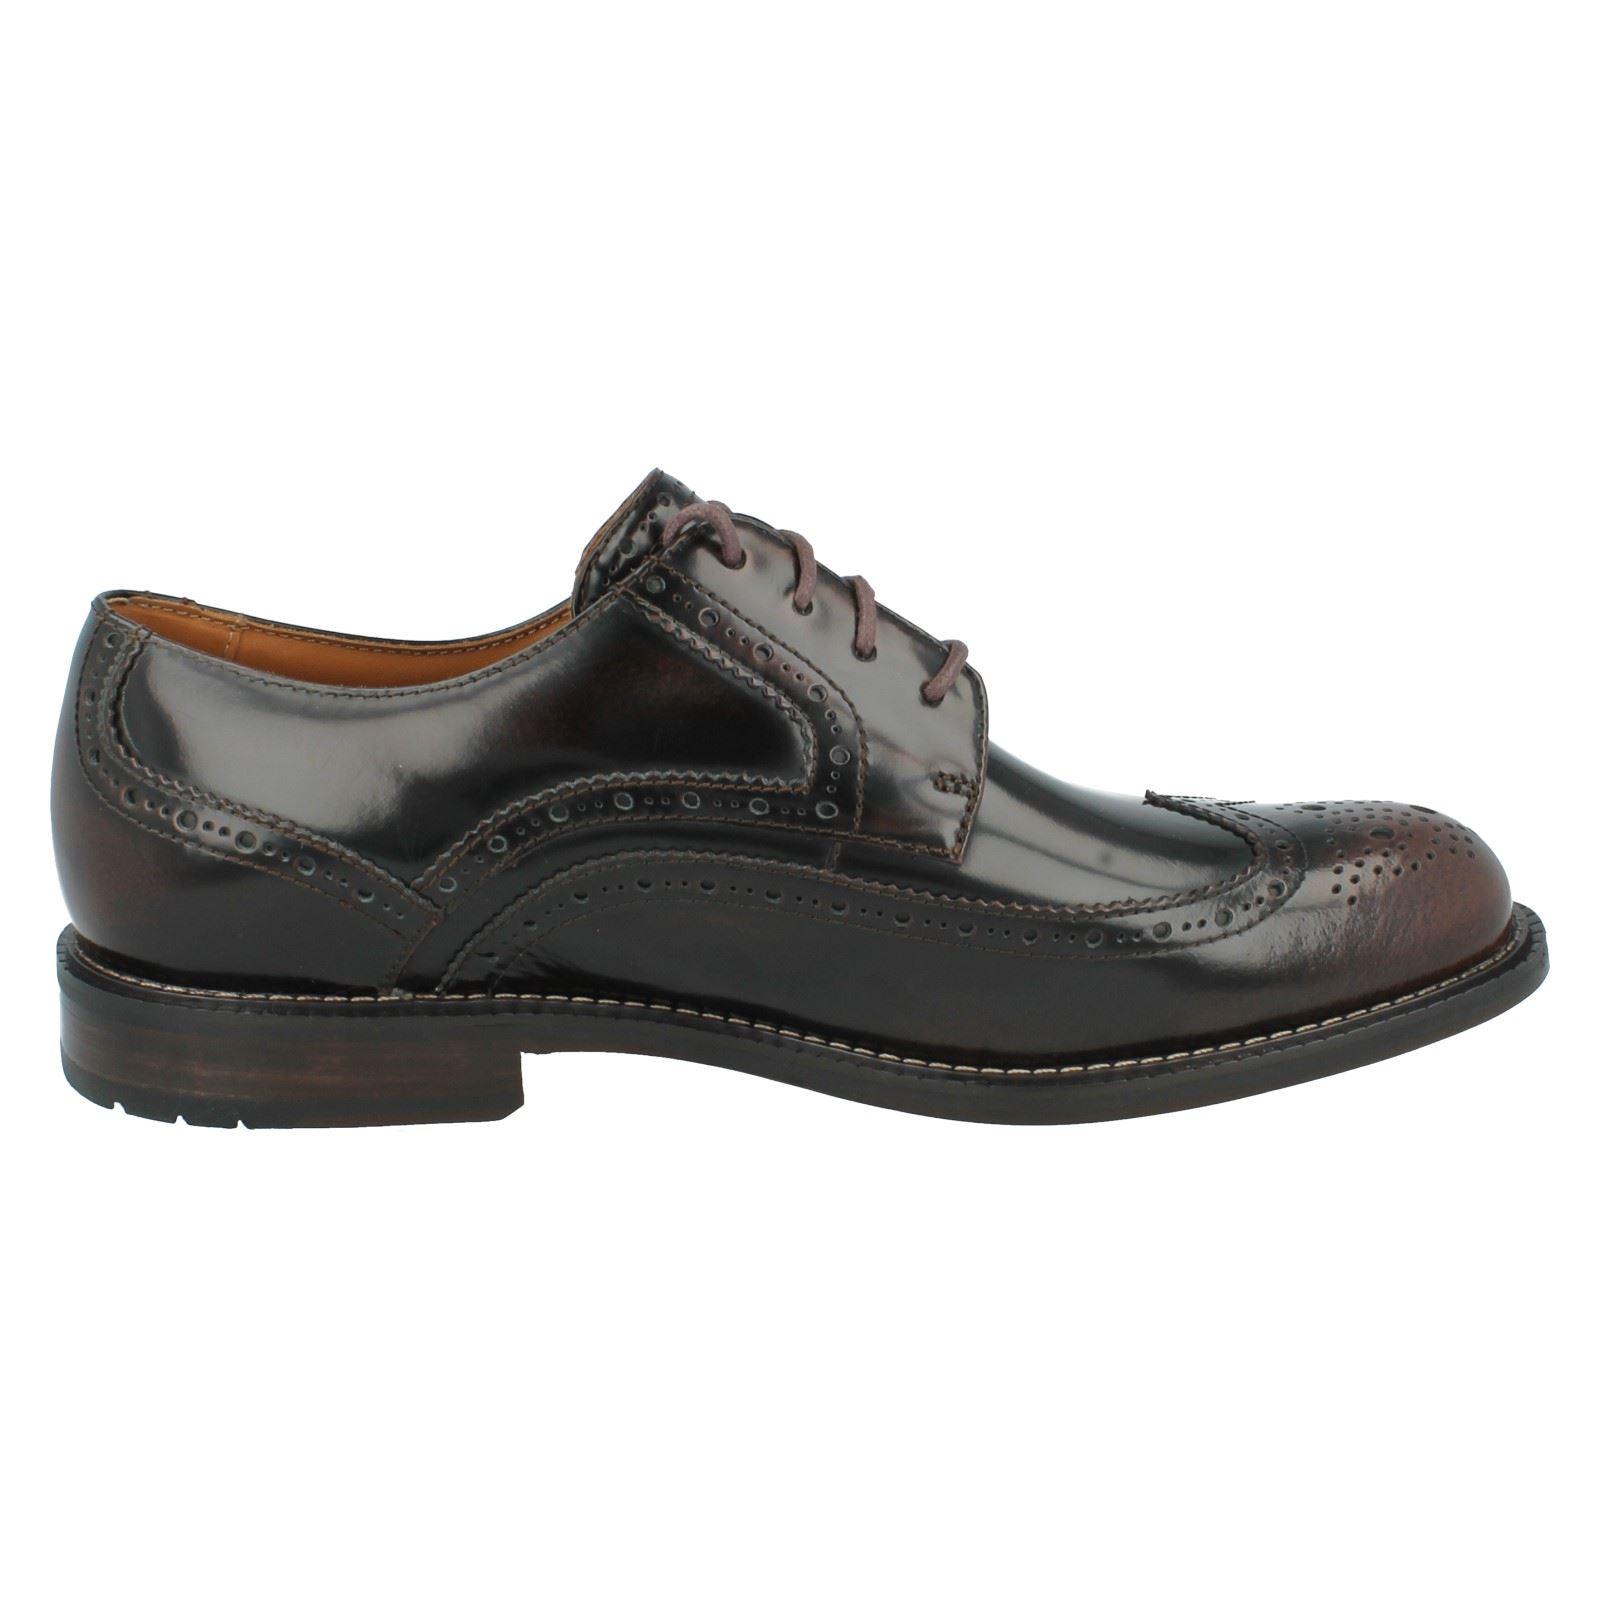 Men's Dorset Clarks Formal Shoes The Style - Dorset Men's Limit 125fa0